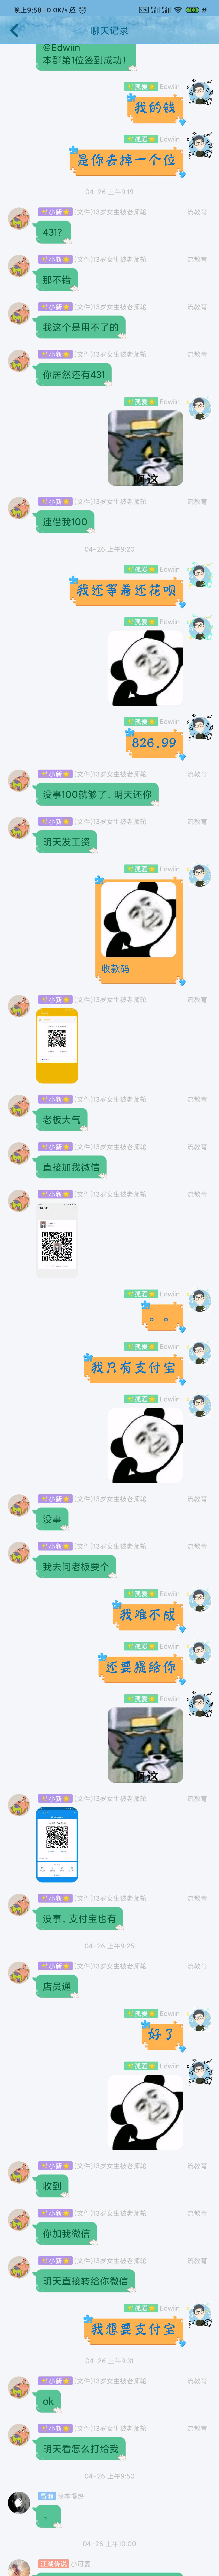 26号借钱群内记录.png